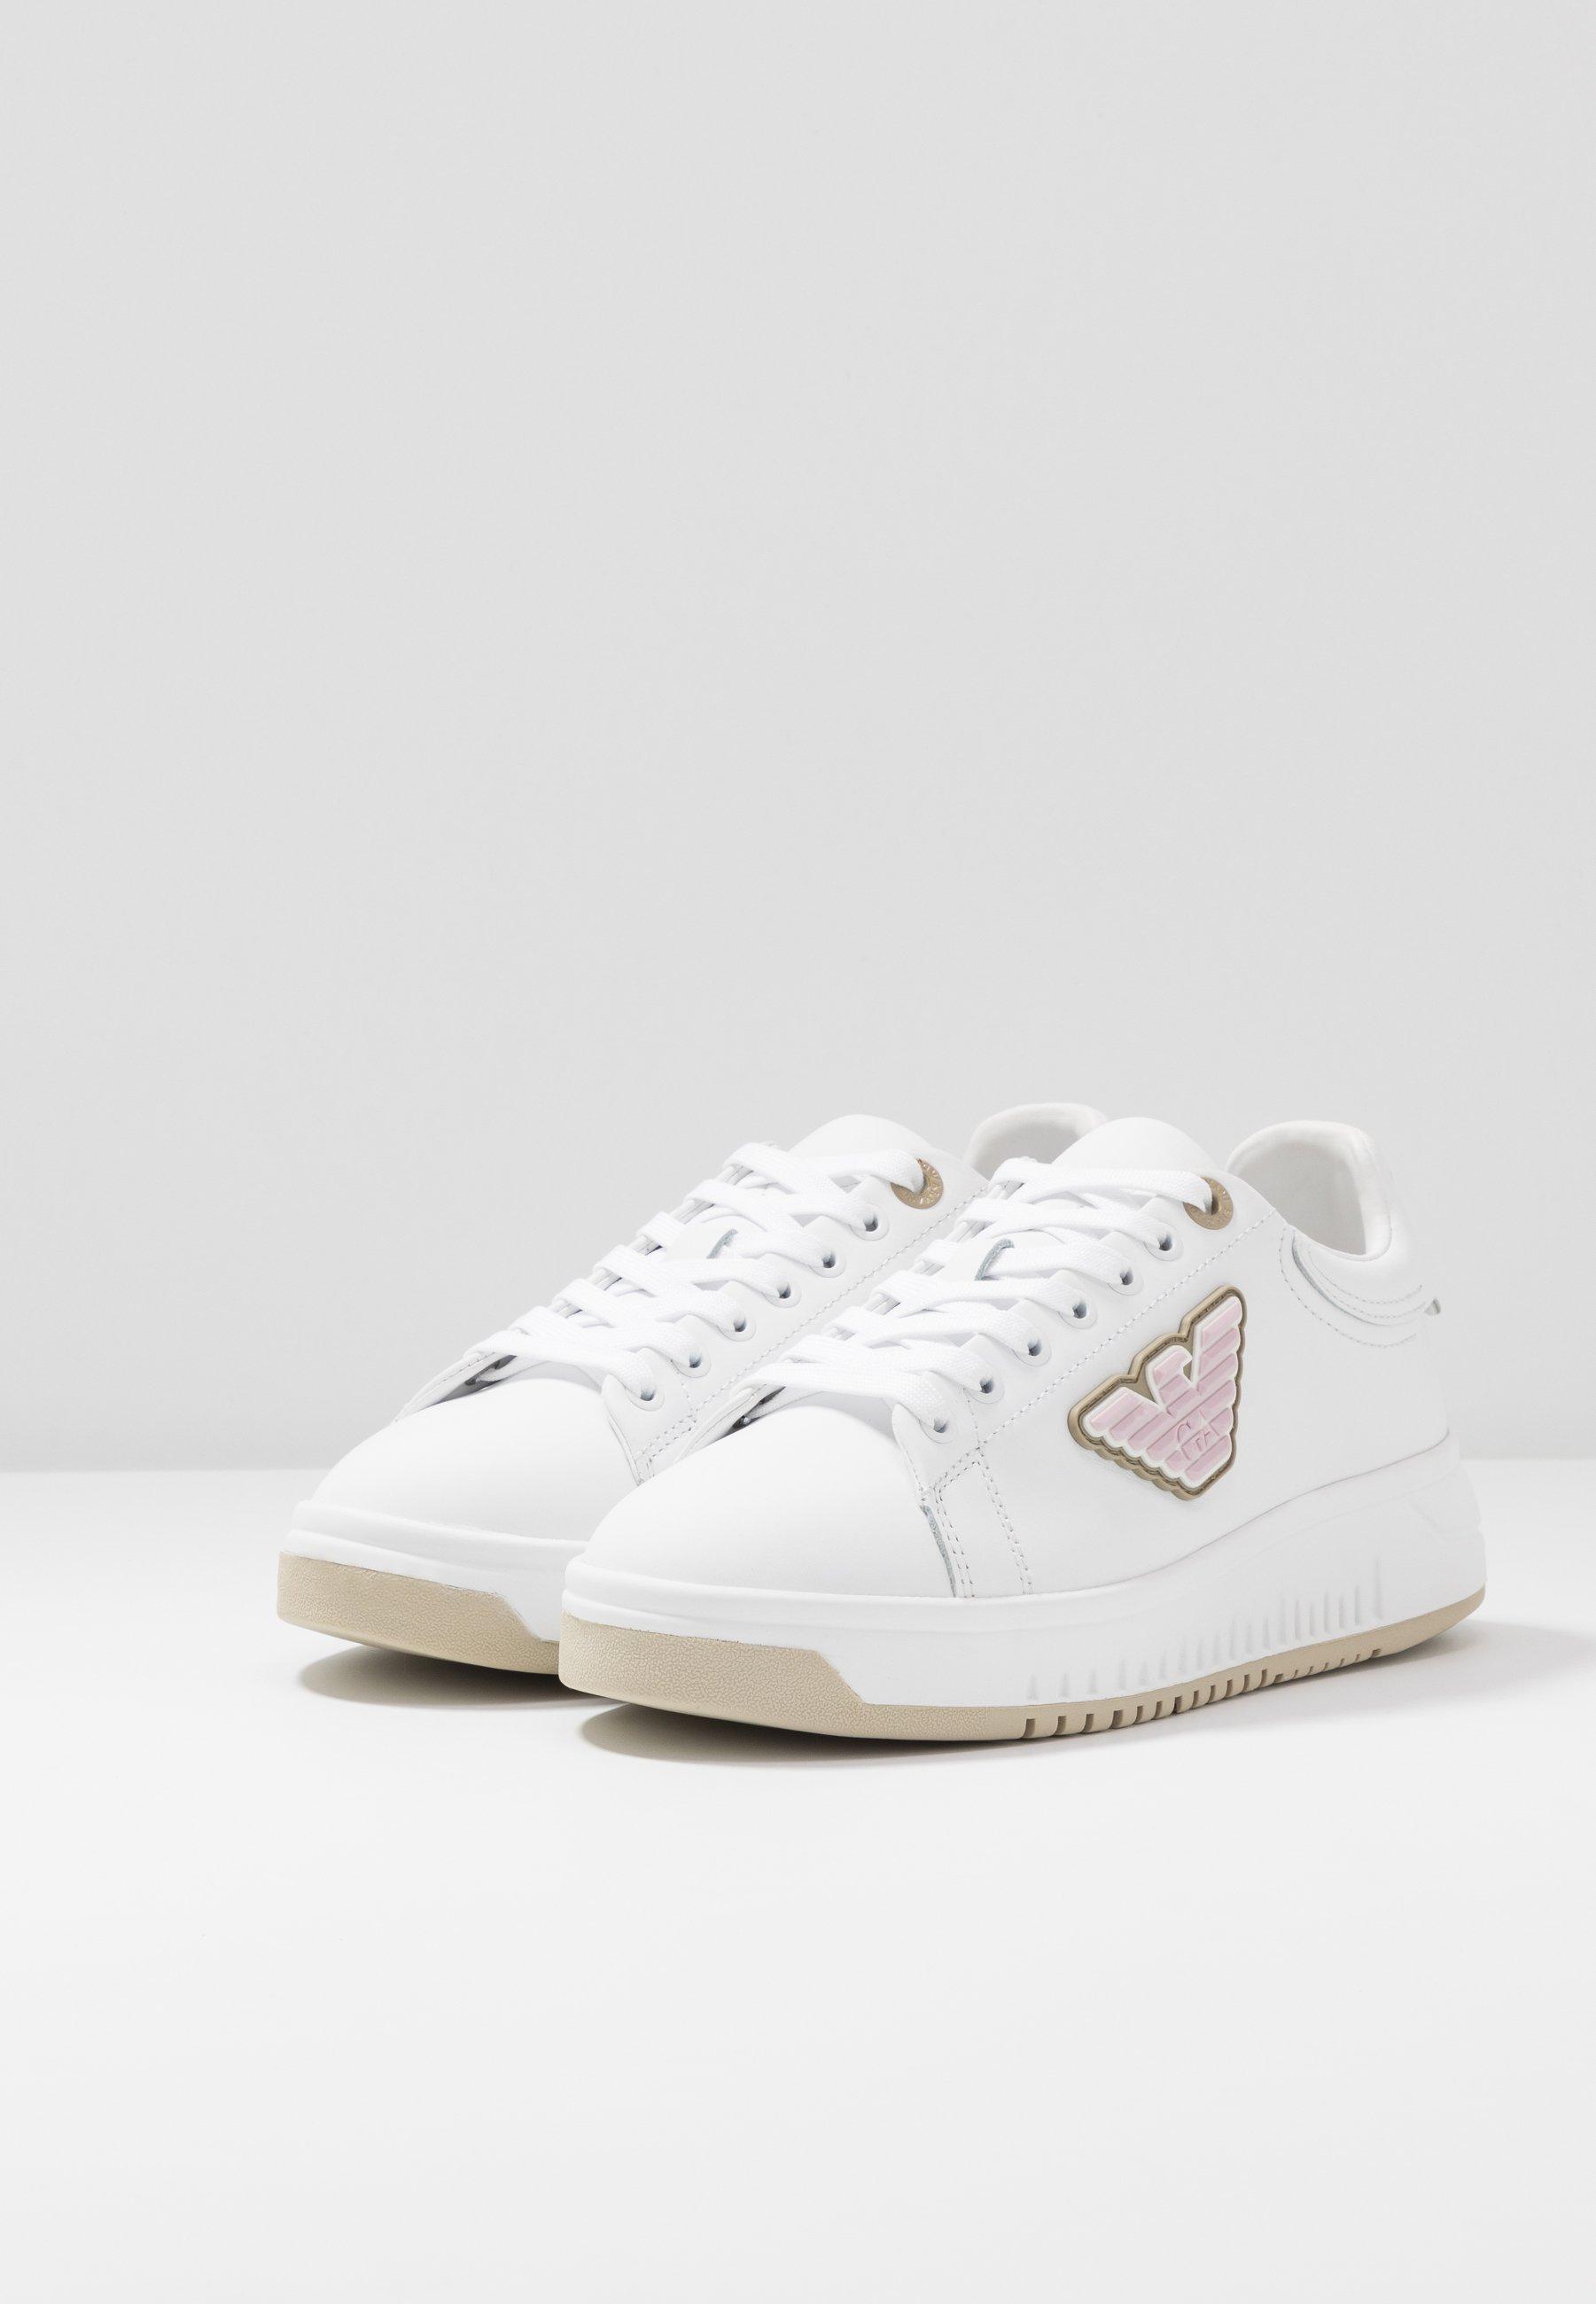 Emporio Armani Sneakers - White/safari